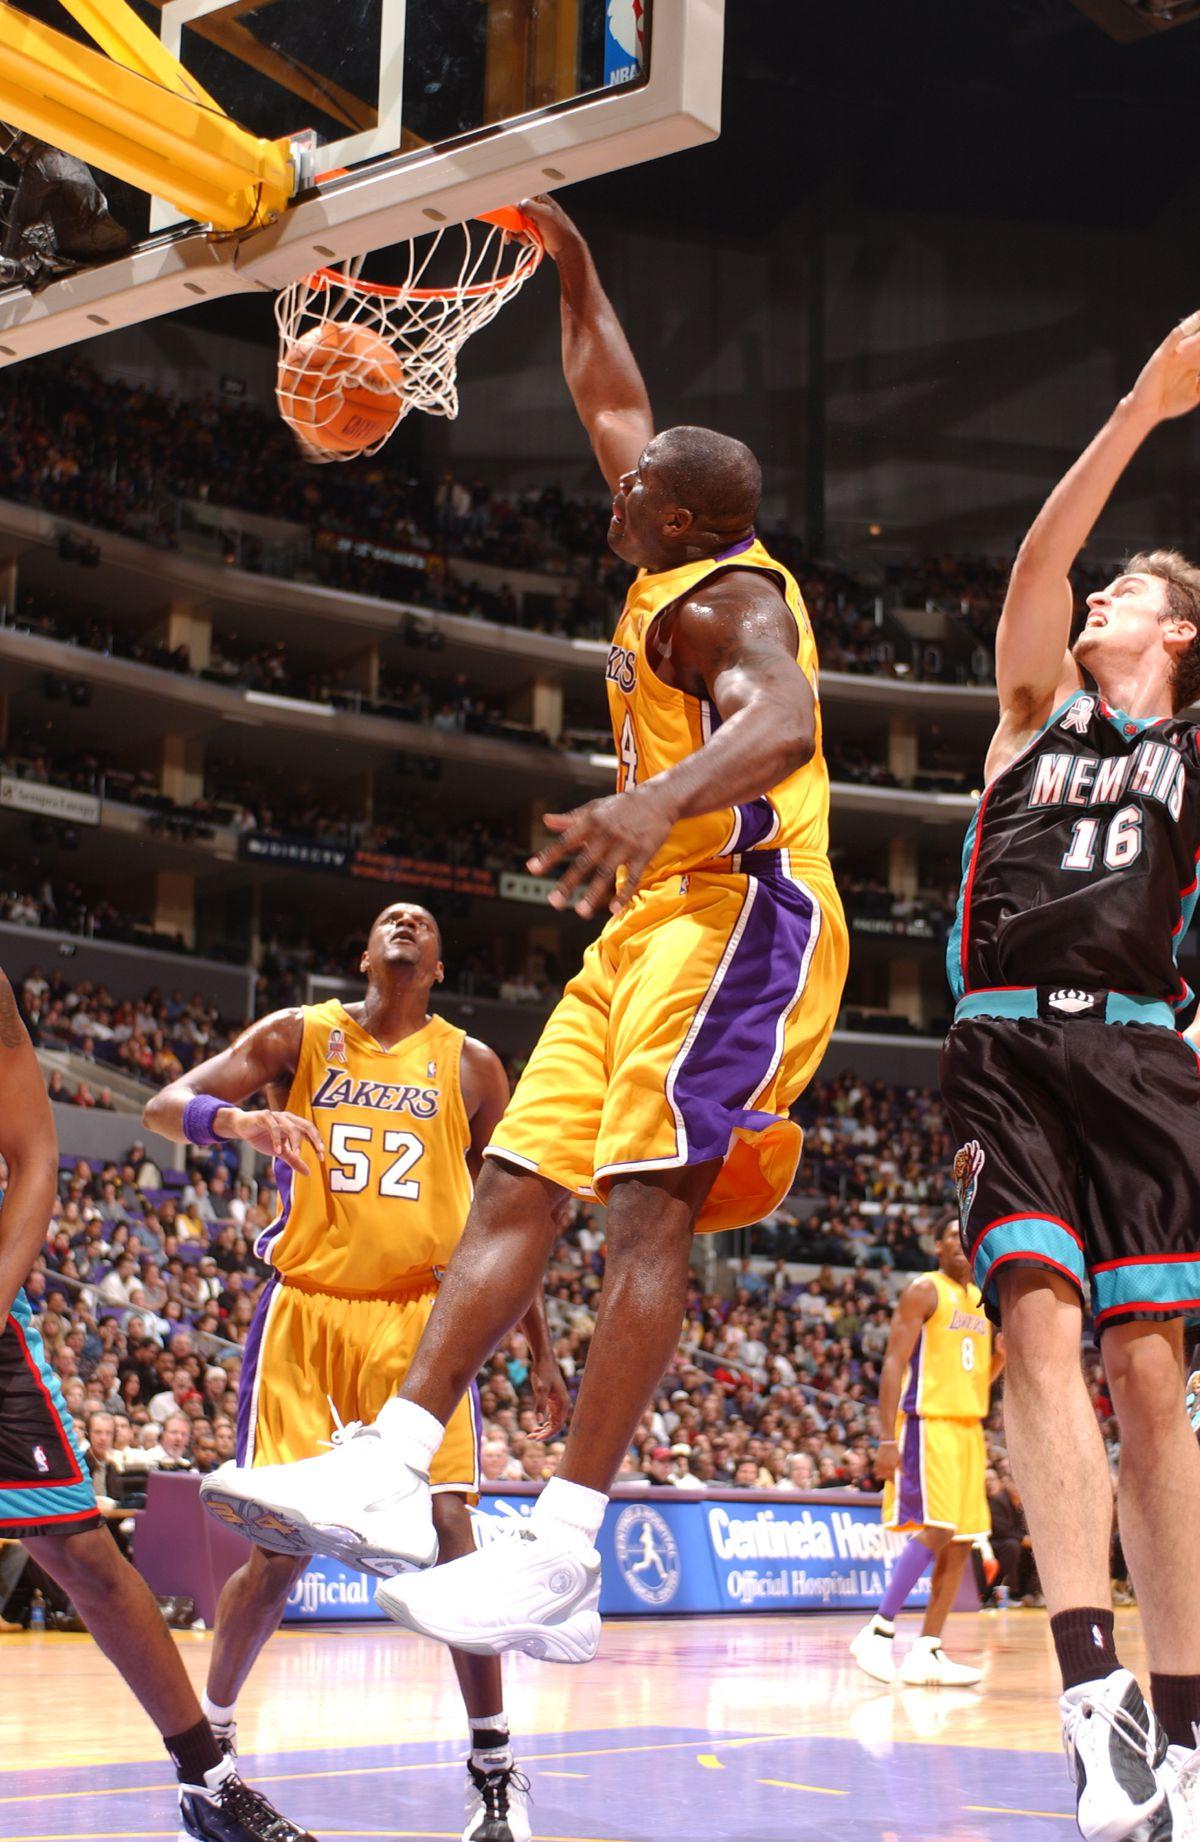 O''Neal dunk